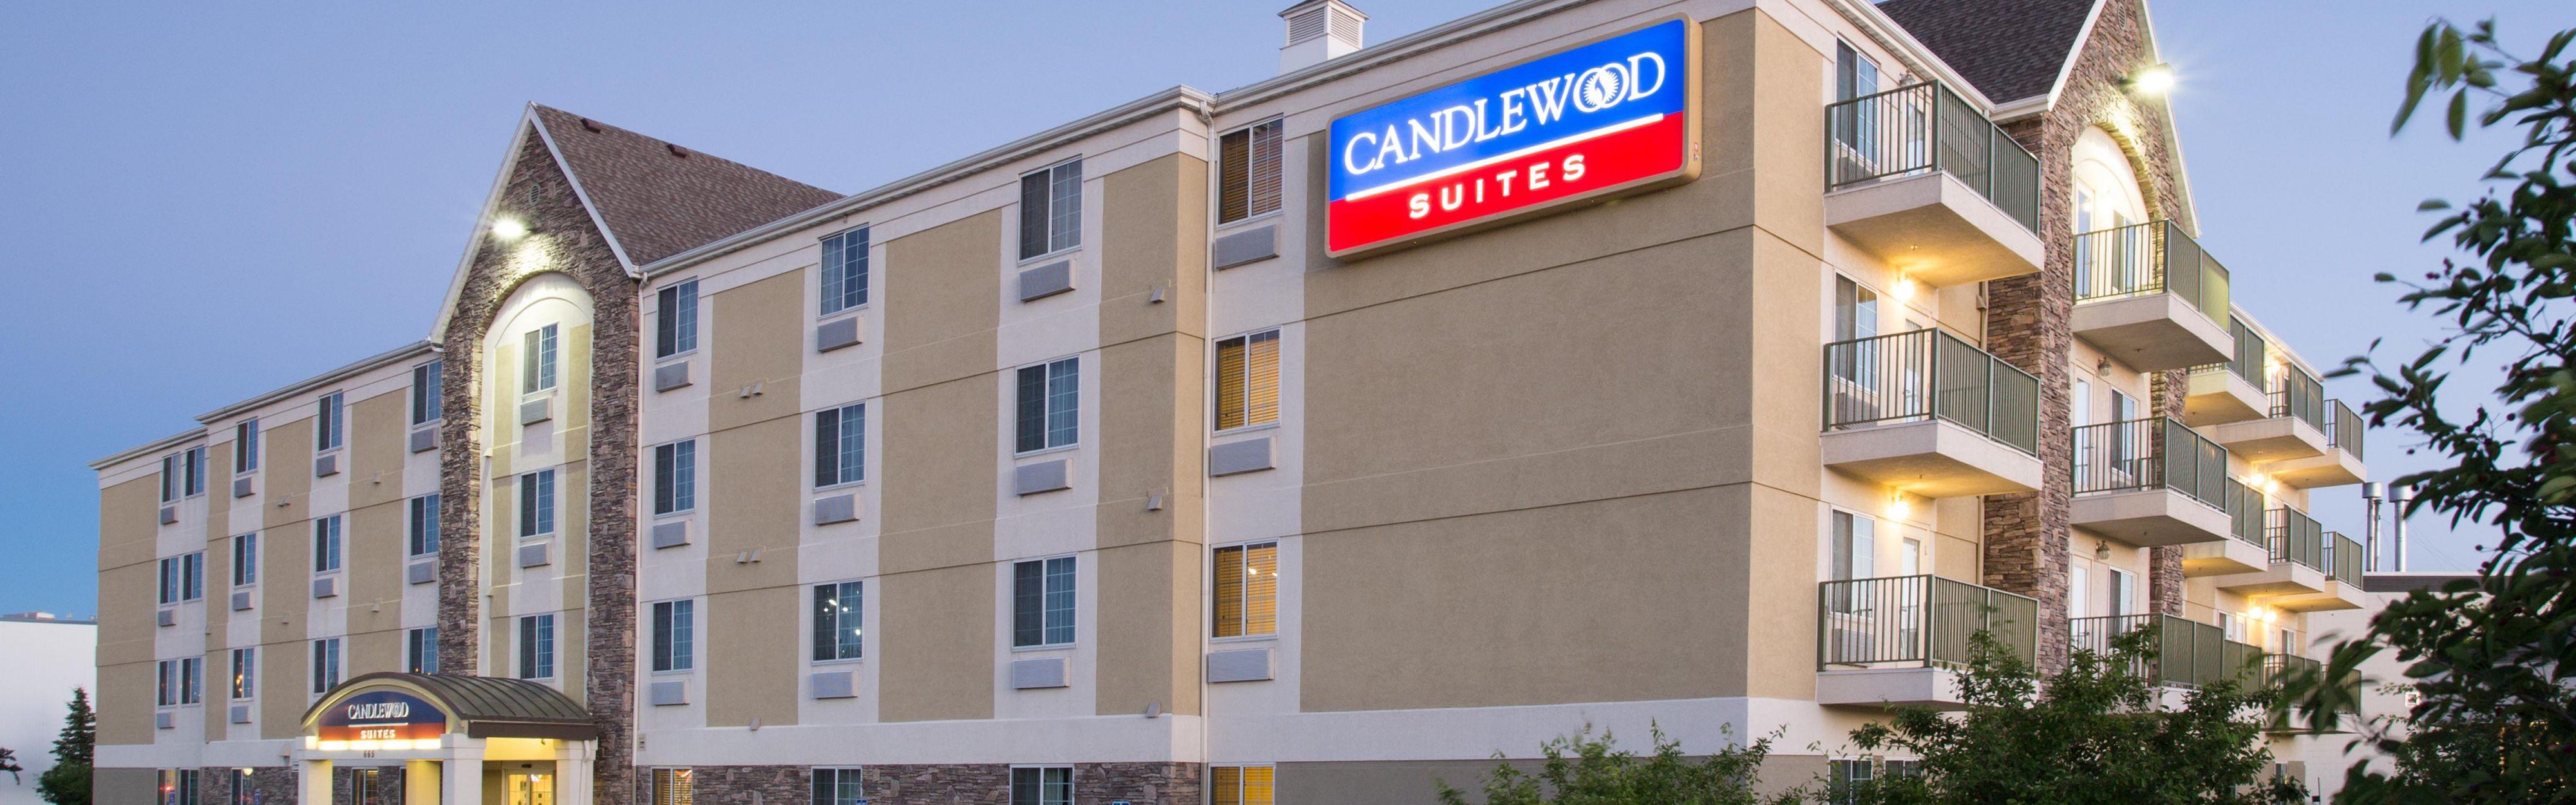 Candlewood Suites Idaho Falls image 0